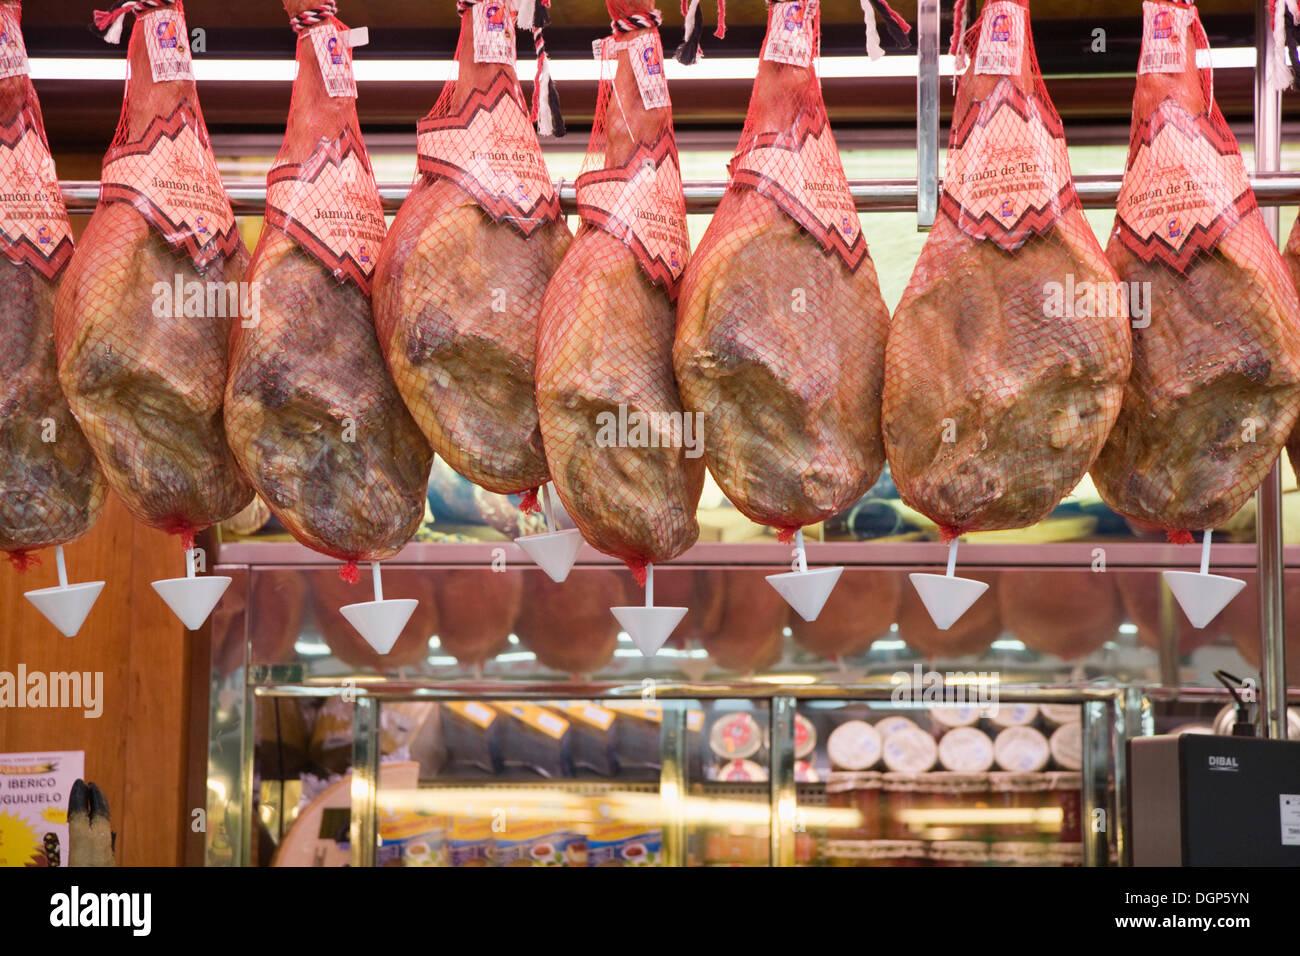 Sale of ham, Mercado Centralmarket, Valencia, Comunidad Valencia, Spain, Europa - Stock Image